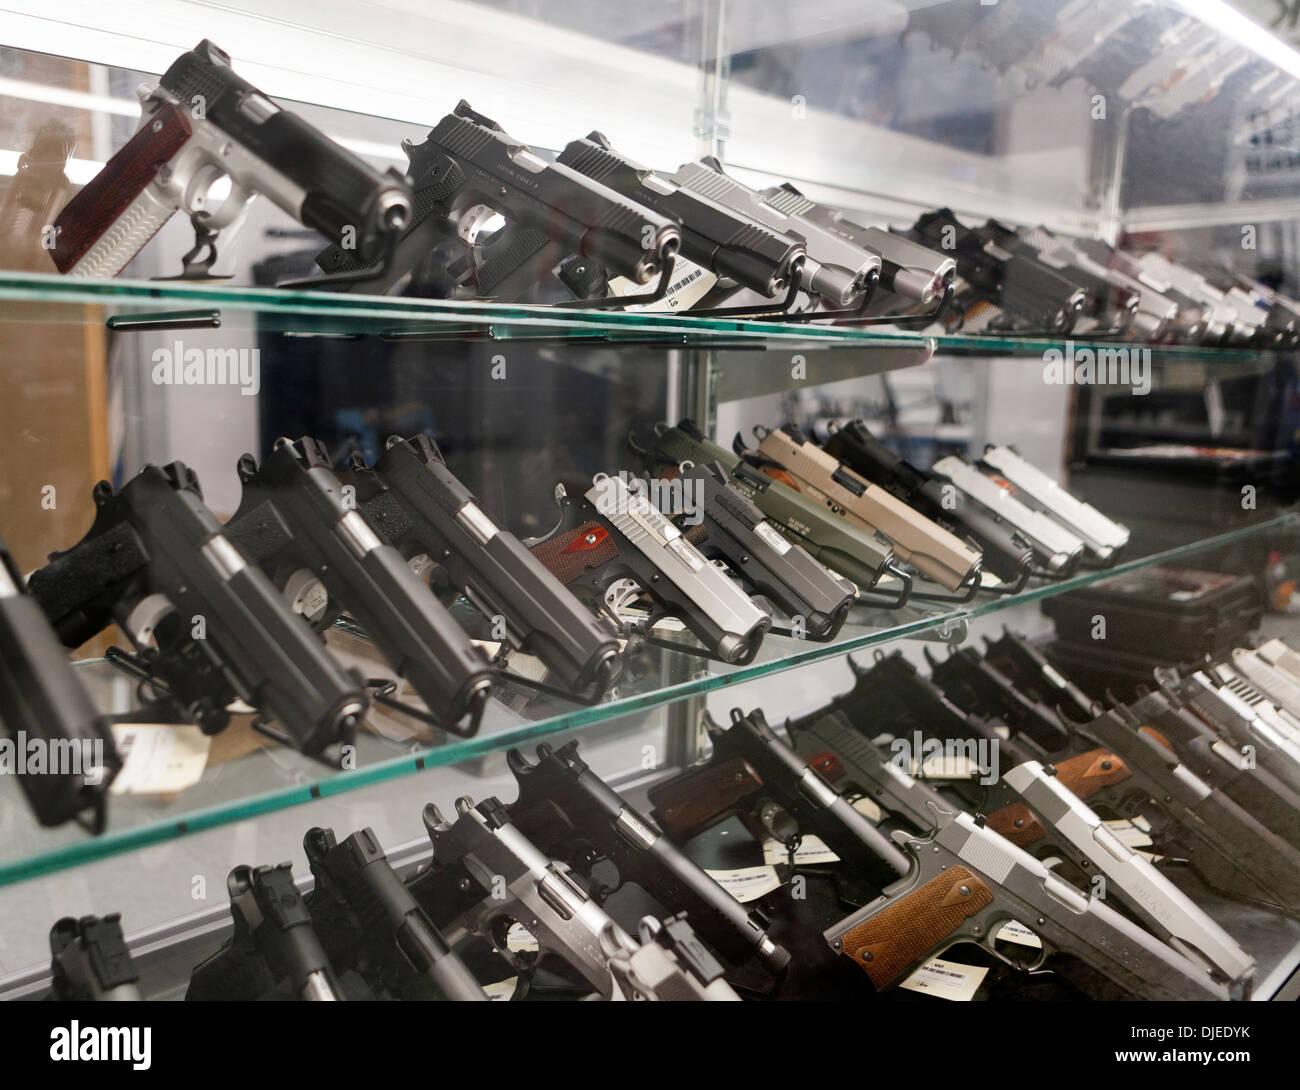 Molte pistole per la vendita in un negozio di pistola NEGLI STATI UNITI Immagini Stock